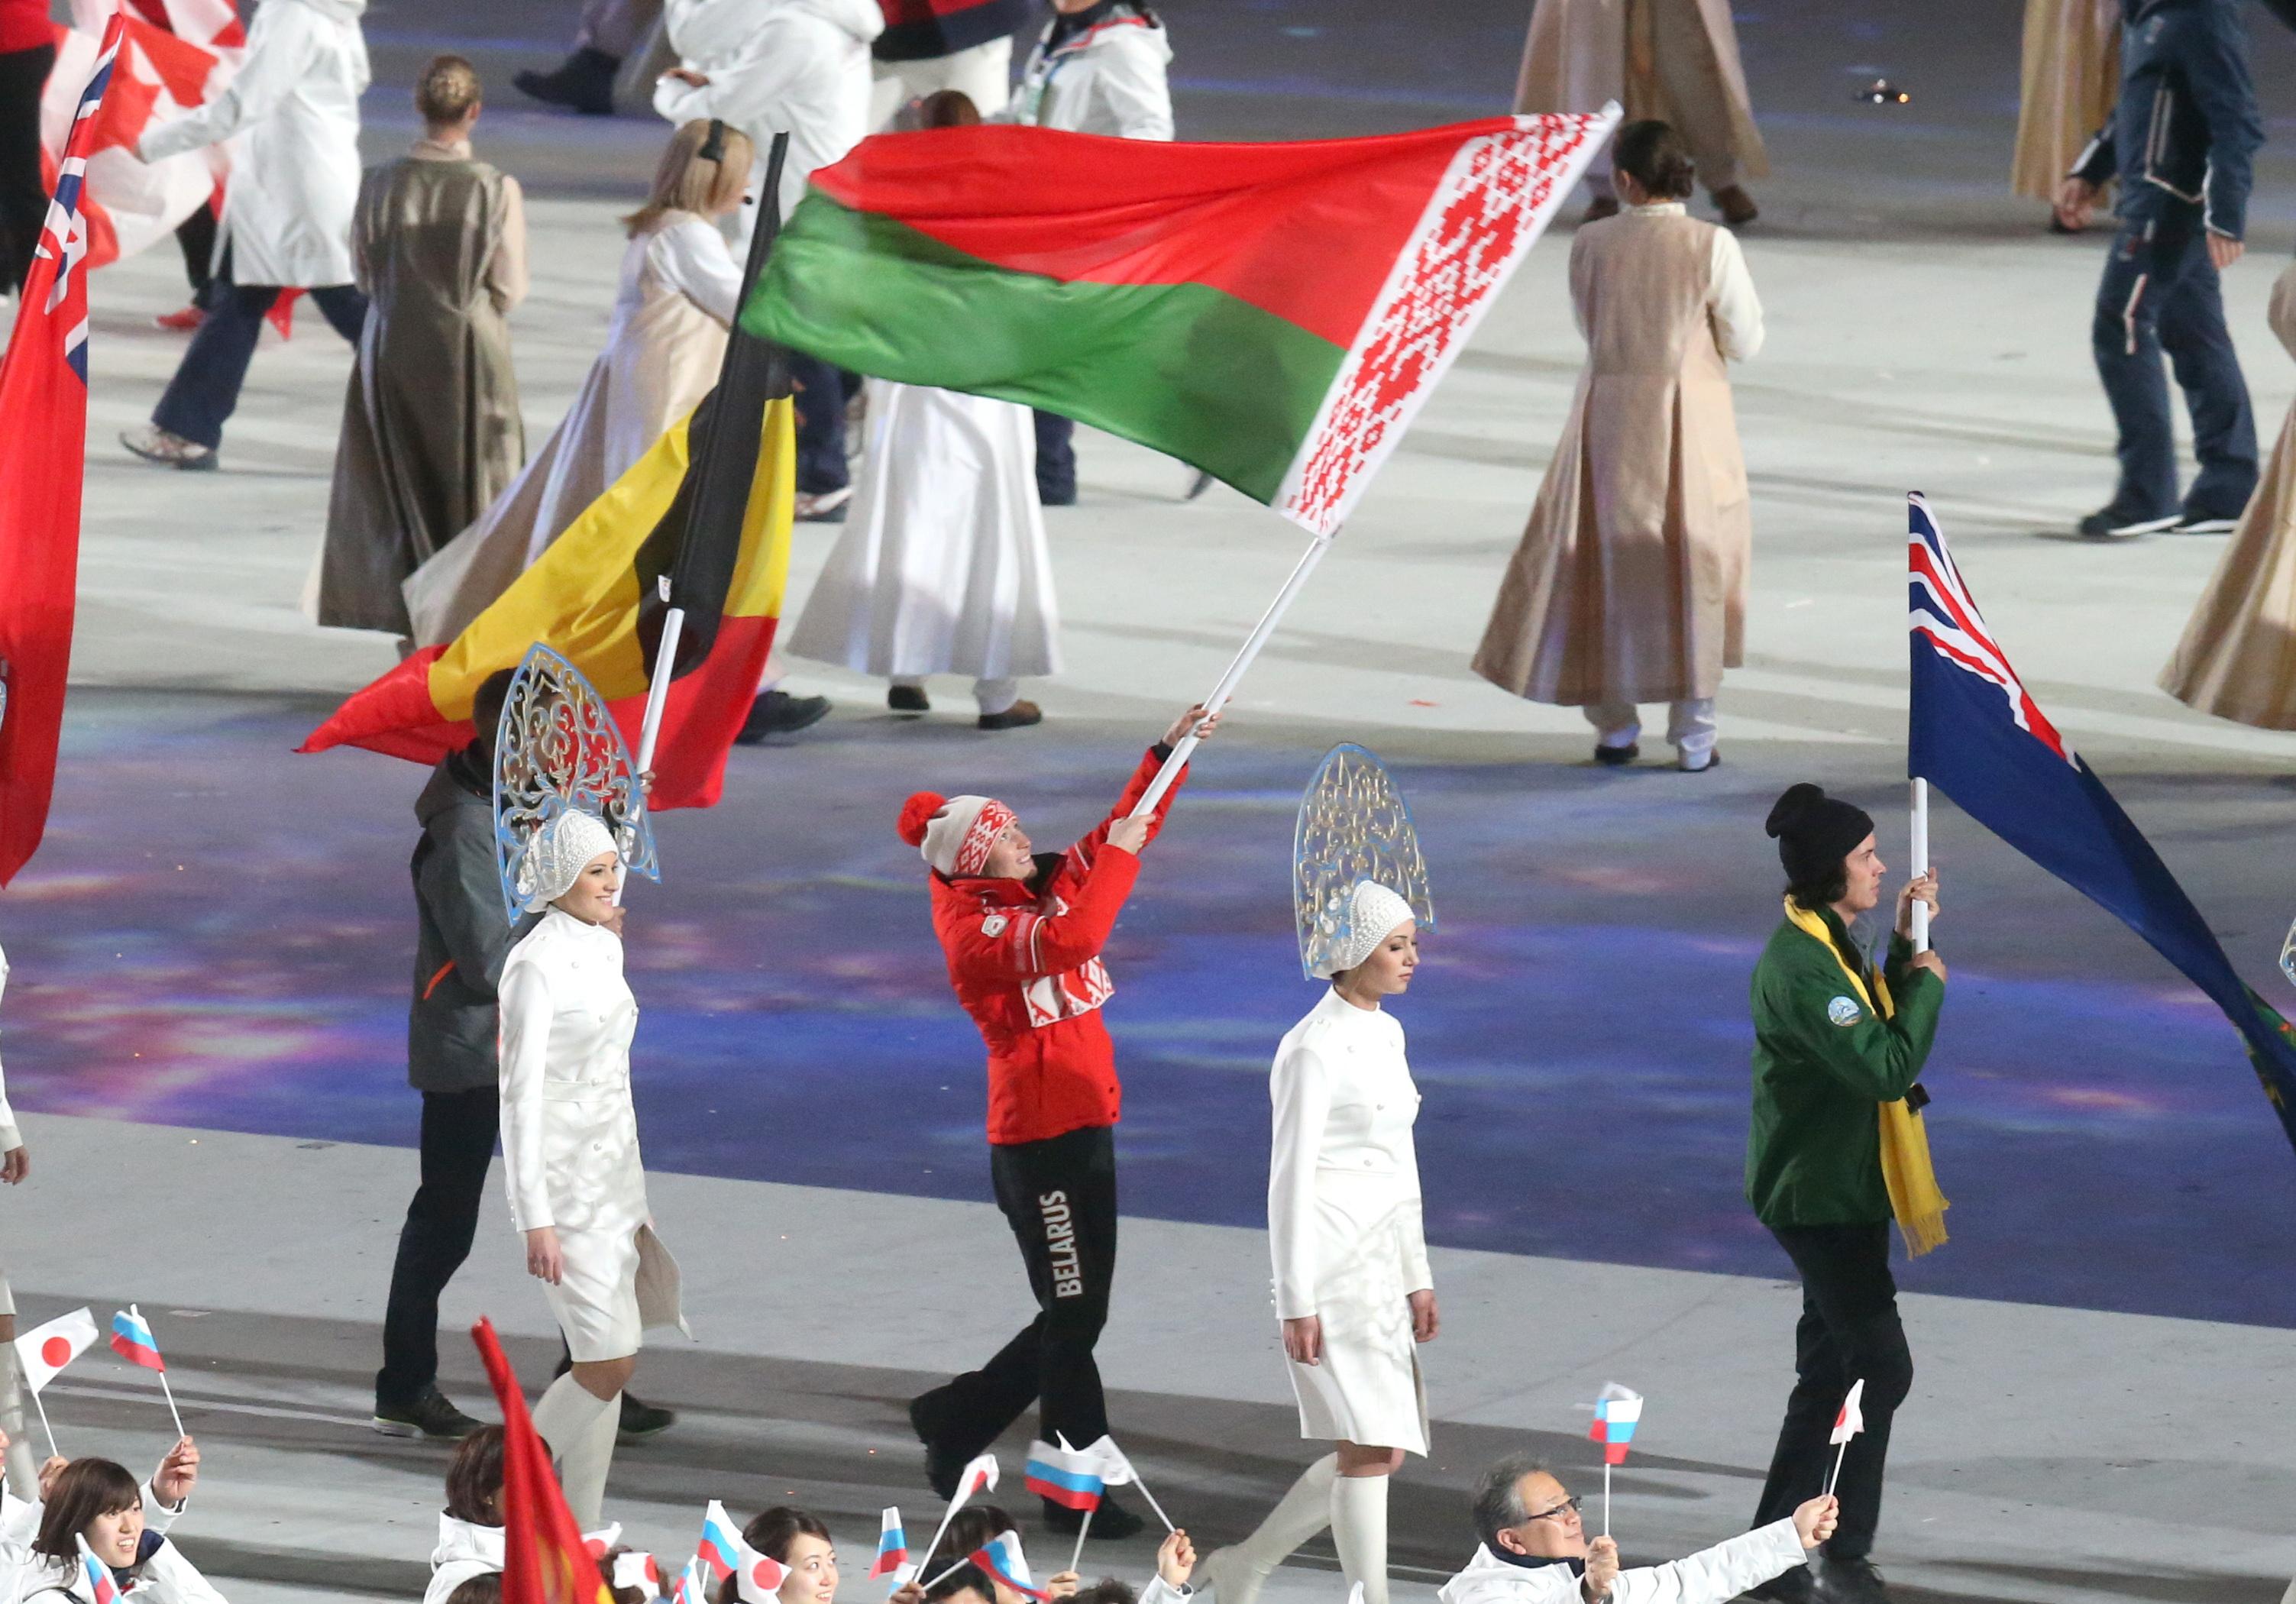 Белорусских олимпийцев встретят военным оркестром и красной дорожкой